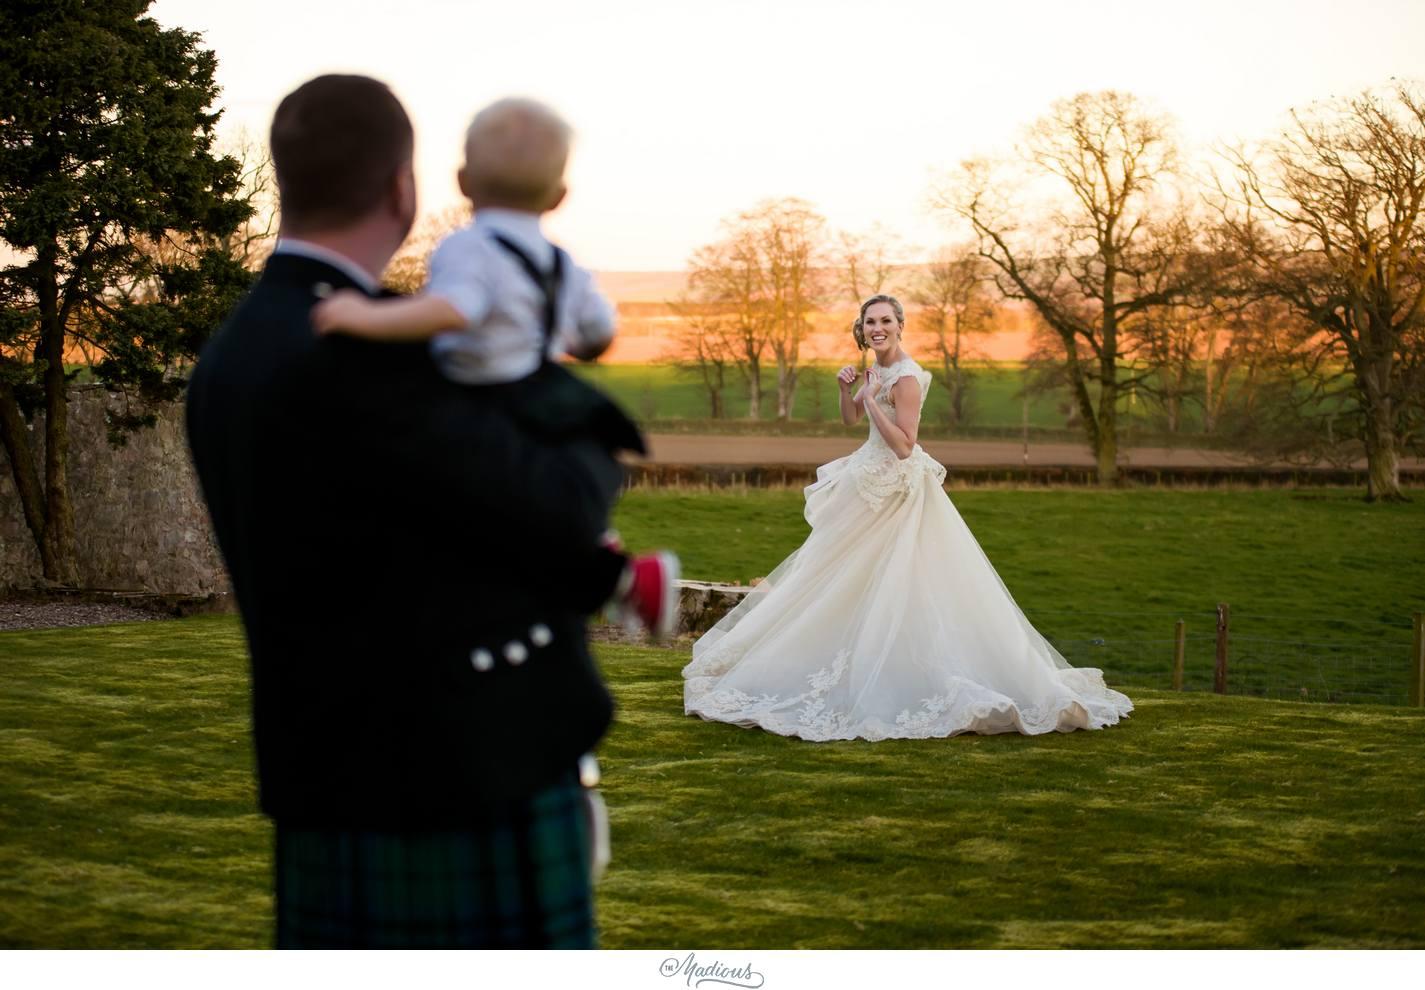 Balbegno_Dunnotar_Castle_Scottland_Wedding_59.jpg